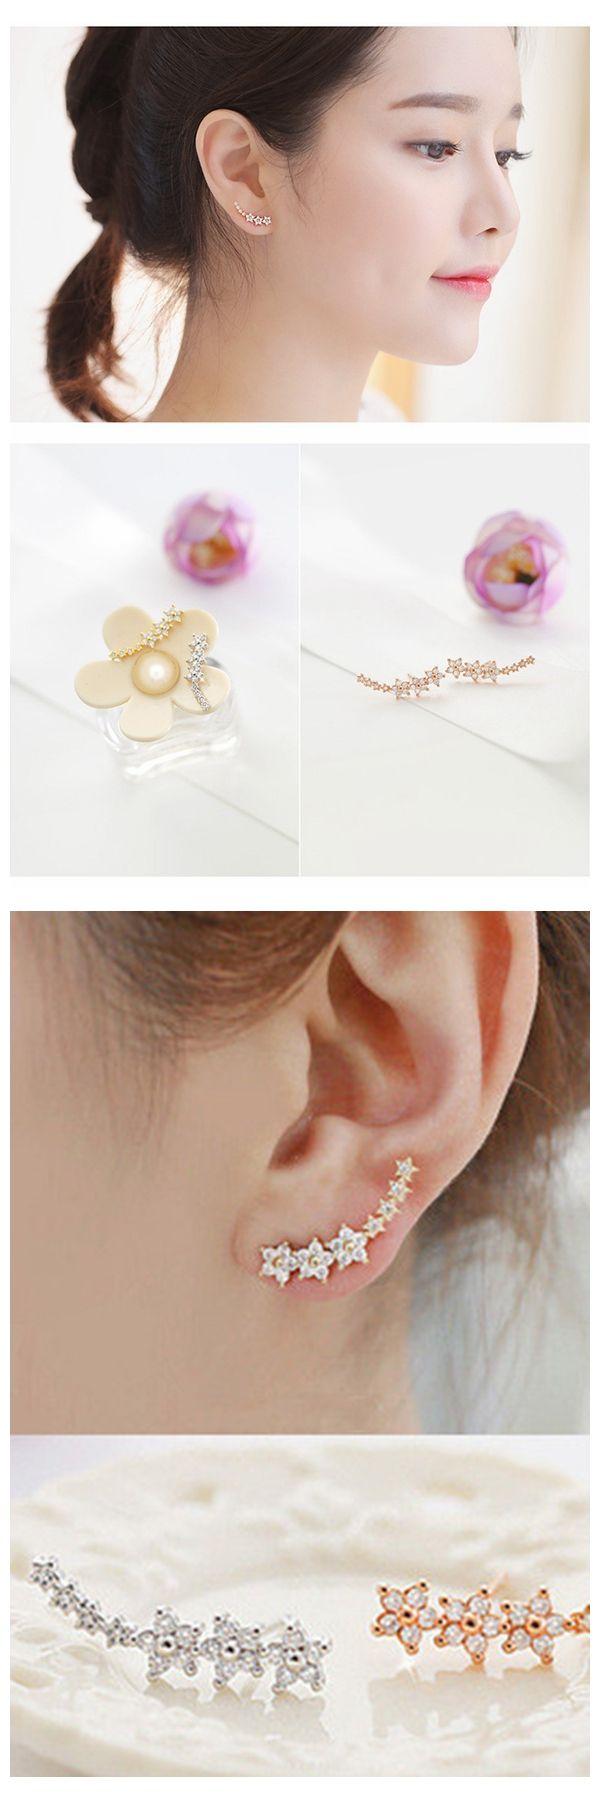 Body piercing needle   Sterling Silver Needle Star Inlay Zircon Stud Earrings  Jewelry